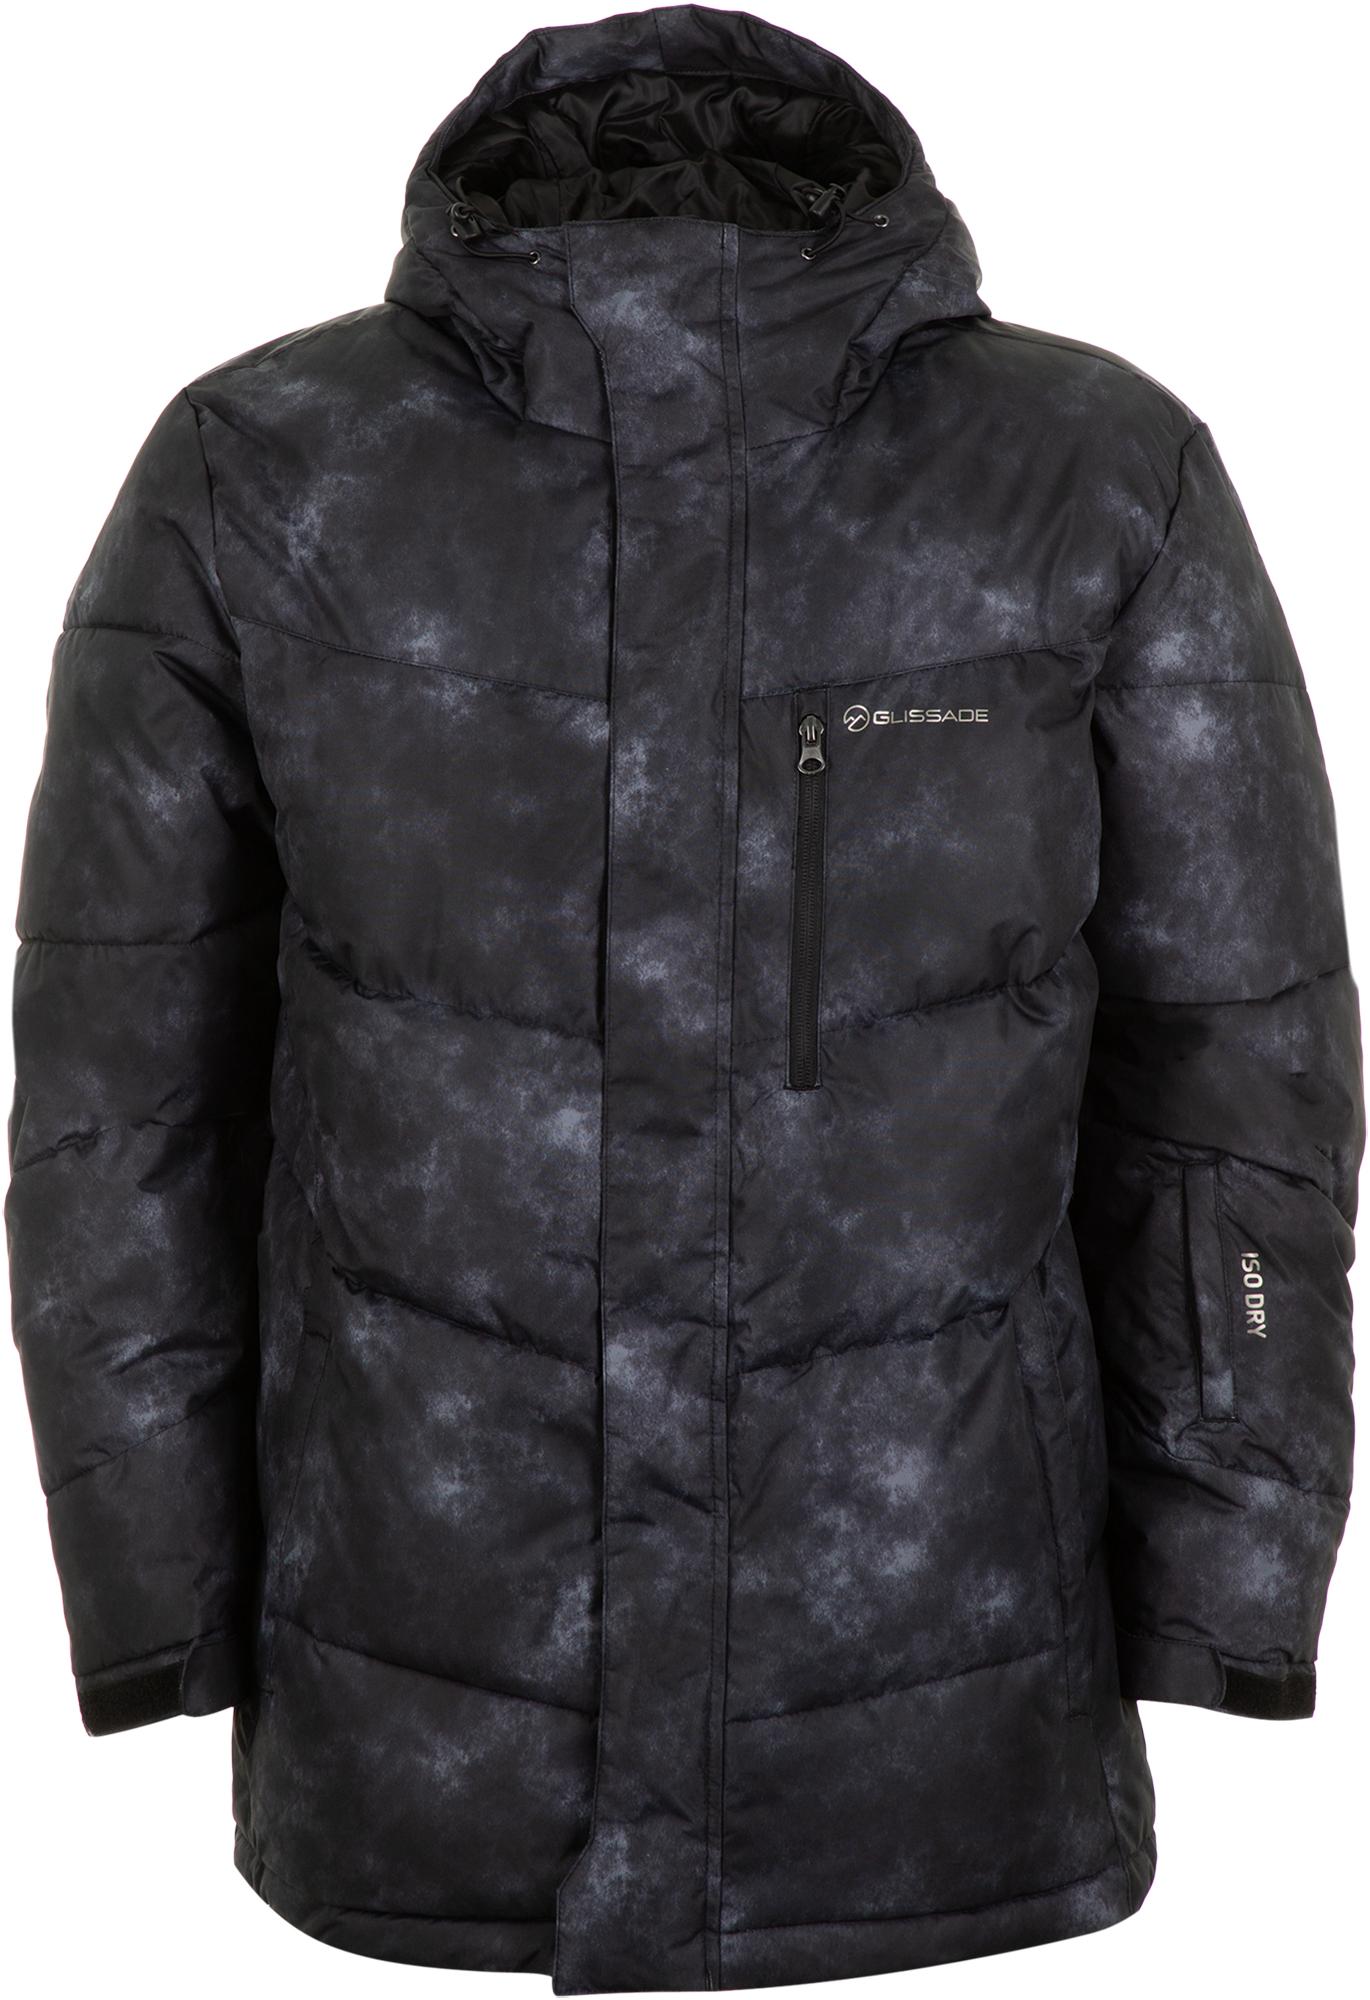 Glissade Куртка утепленная мужская Glissade, размер 52-54 glissade куртка утепленная мужская glissade размер 56 58